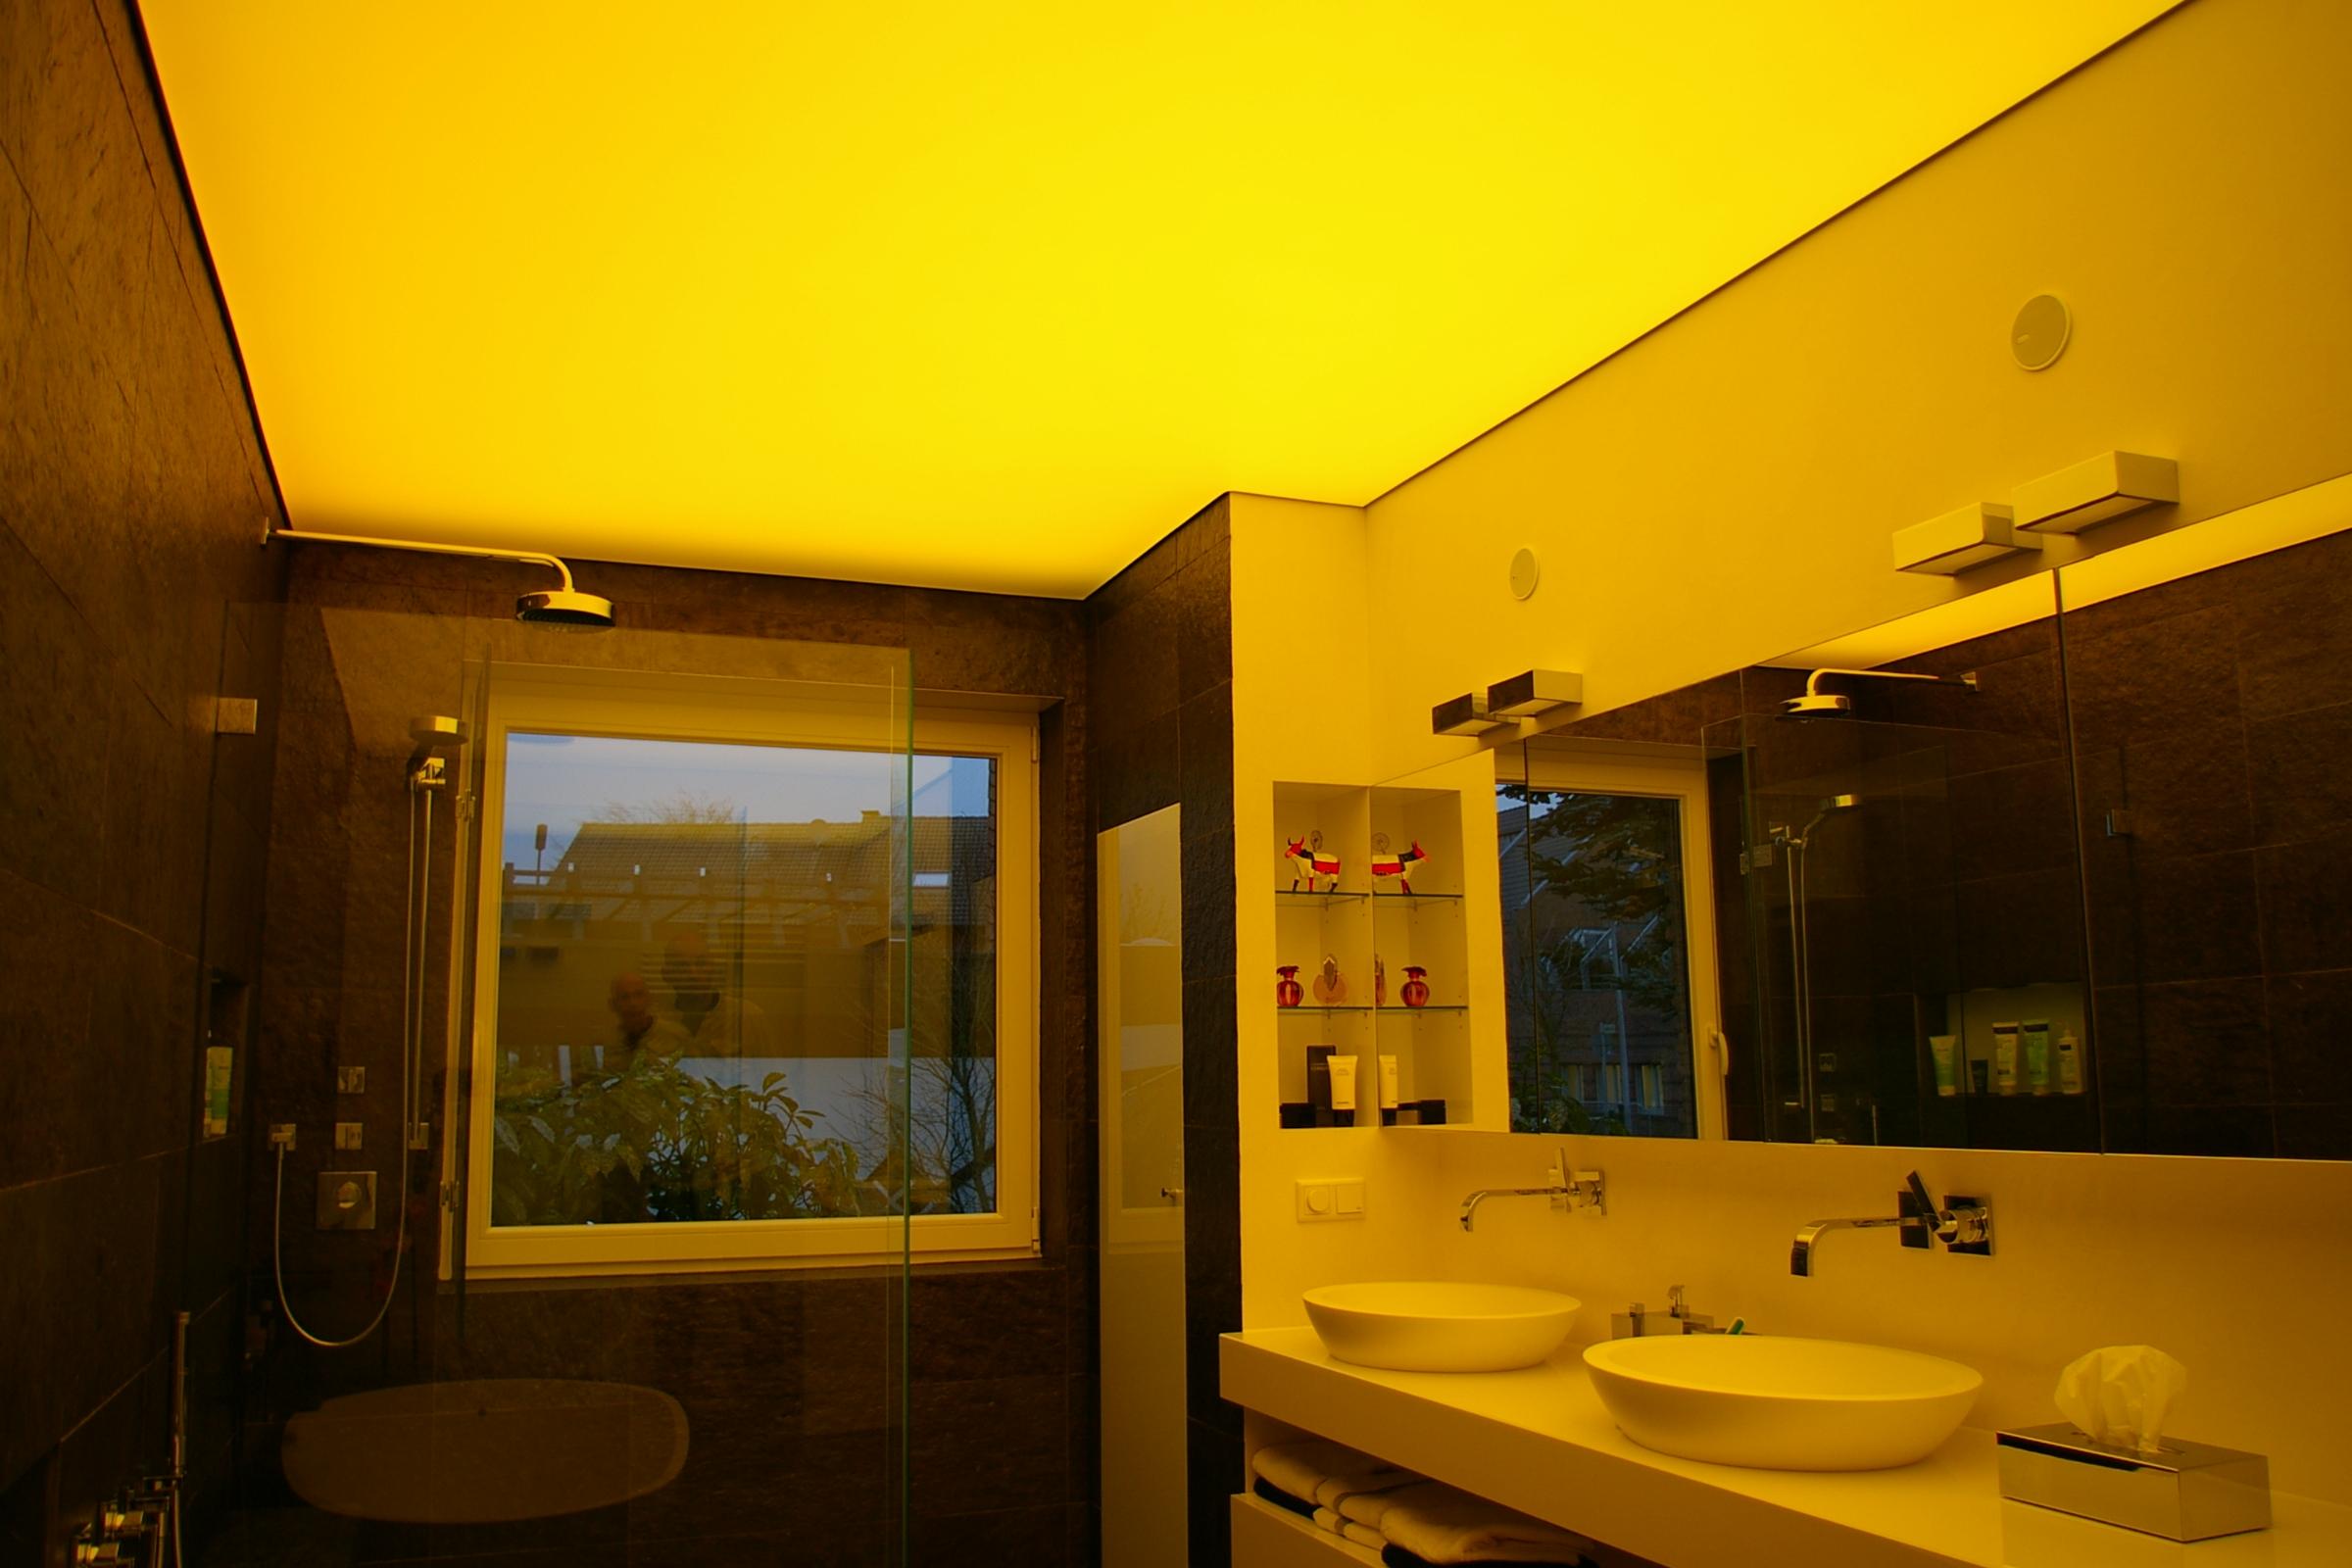 Badezimmer mit Lichtdecke -